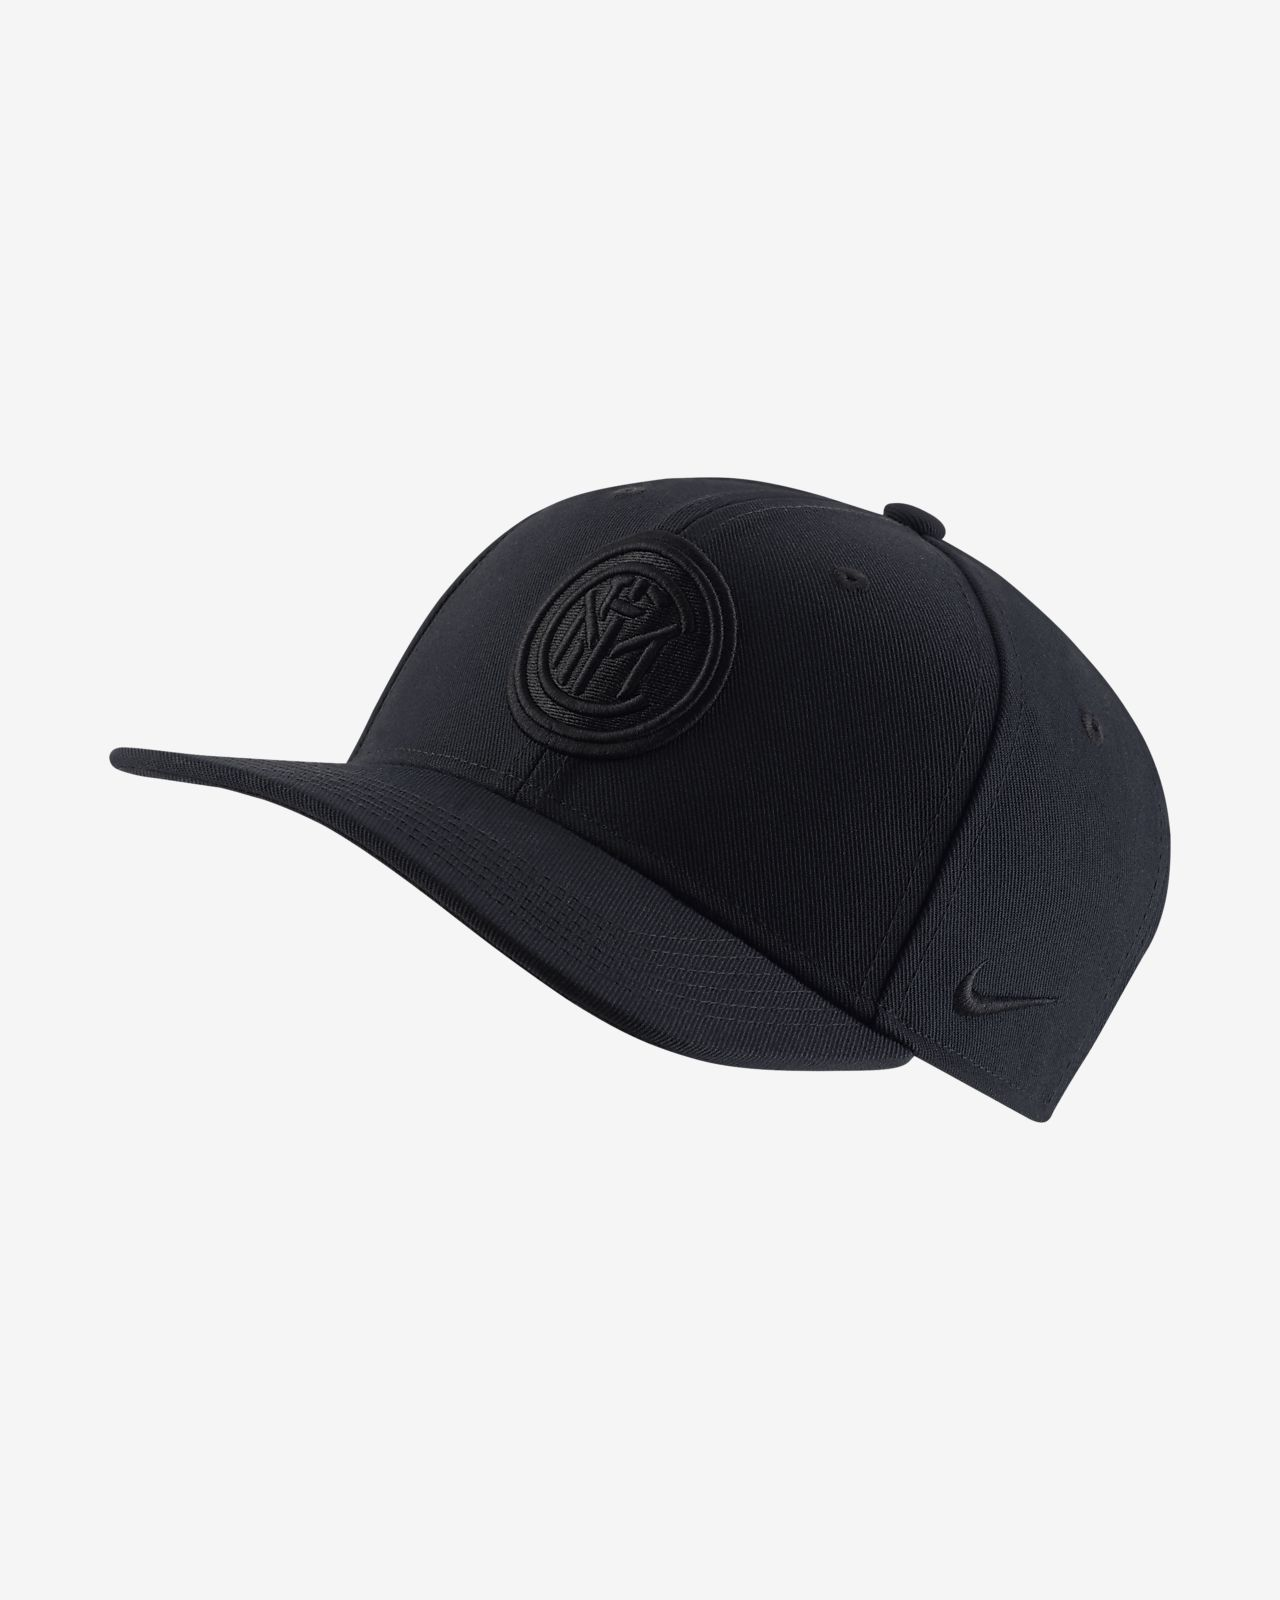 Ρυθμιζόμενο καπέλο Nike Pro Inter Milan για μεγάλα παιδιά